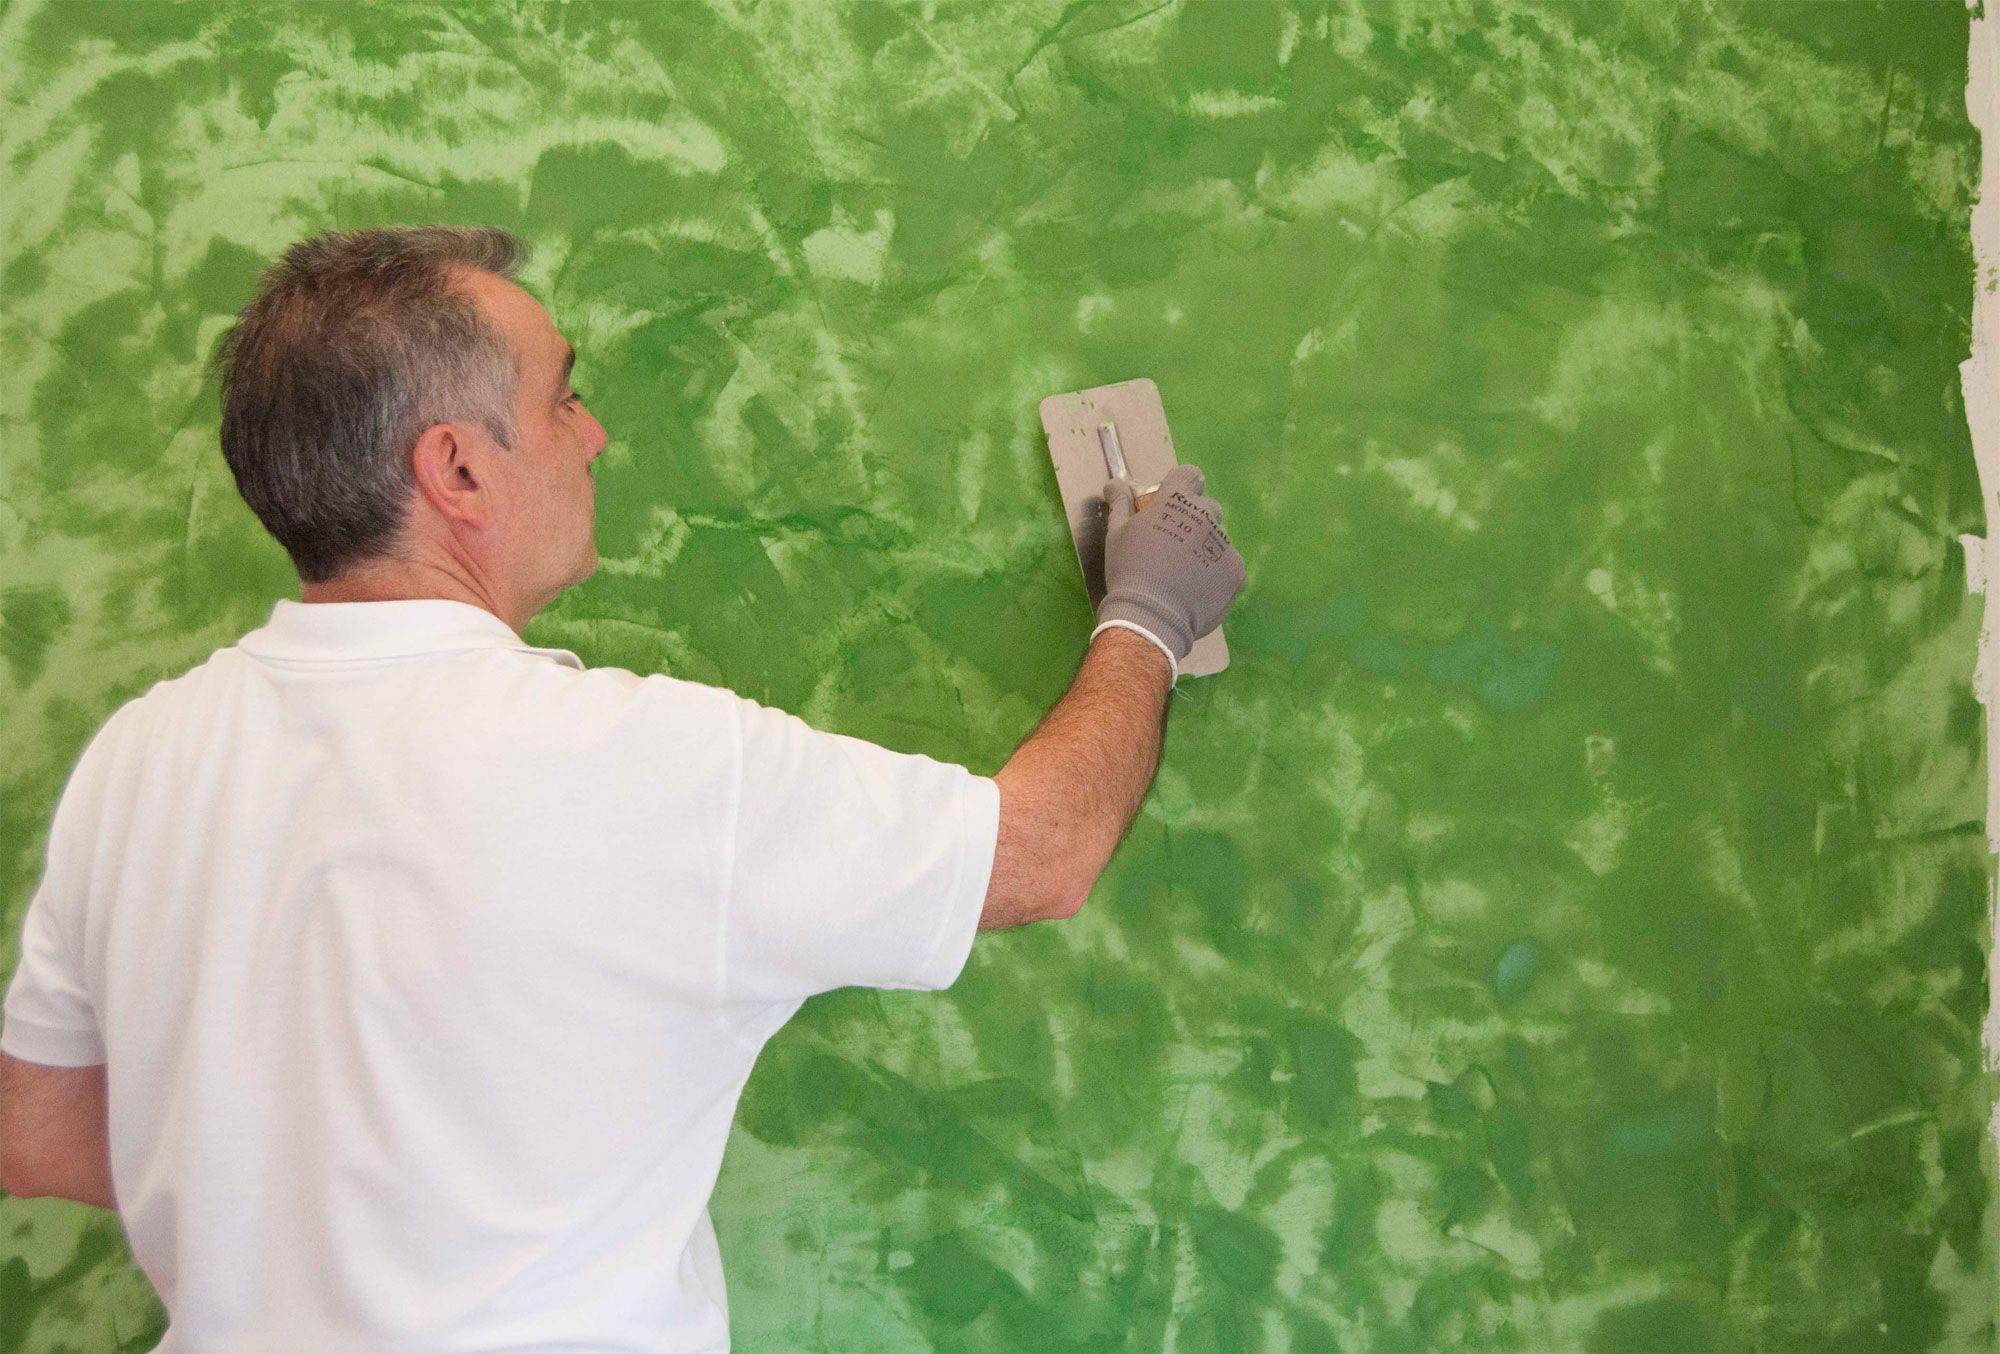 Comment préparer les murs de la maison avant de peindre